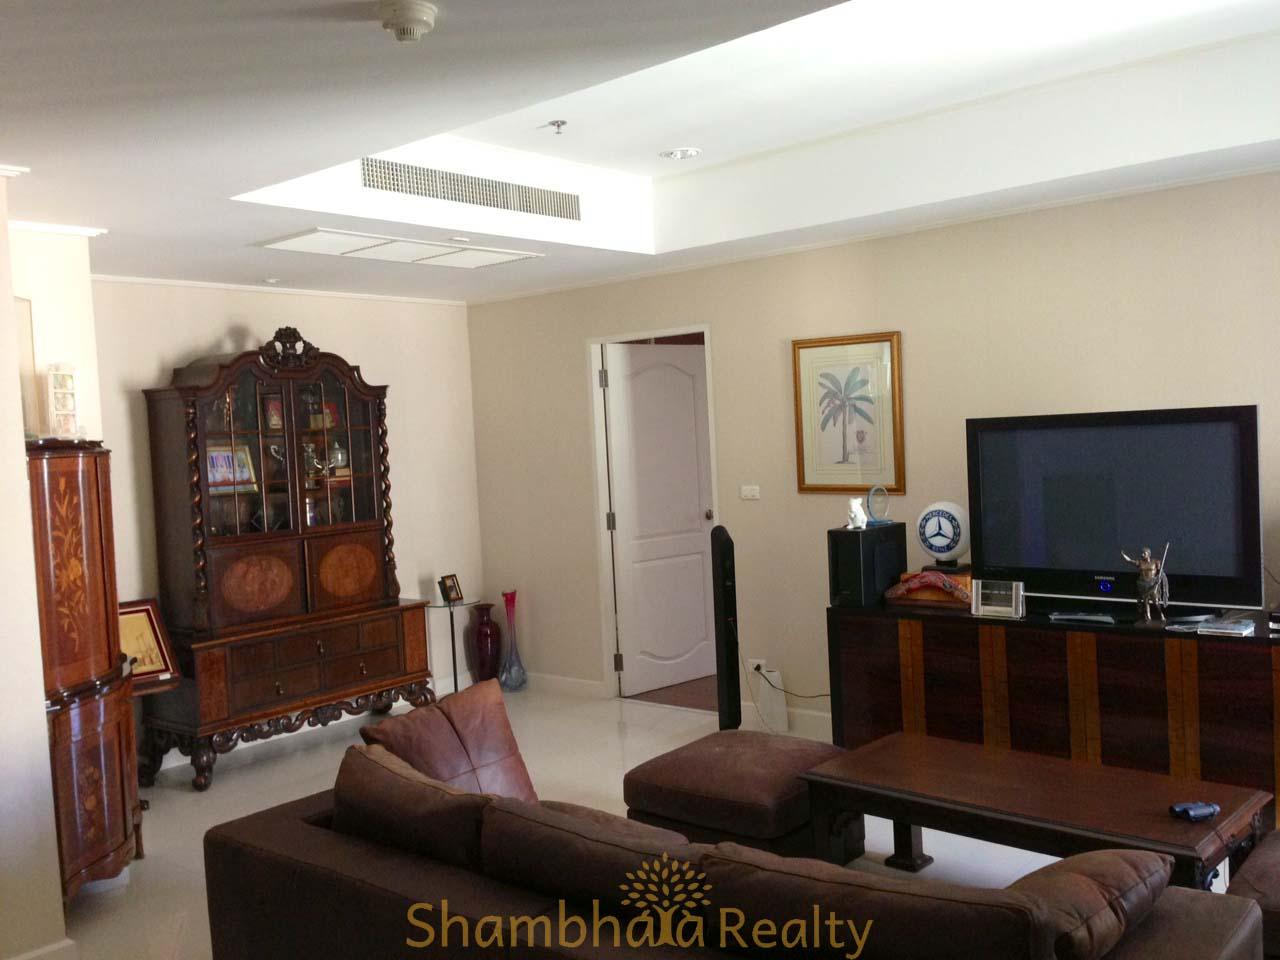 Shambhala Realty Agency's For Sale: La Vie En Rose, 3 Bed/4 Bath, Good location condo in Thonglor area 2